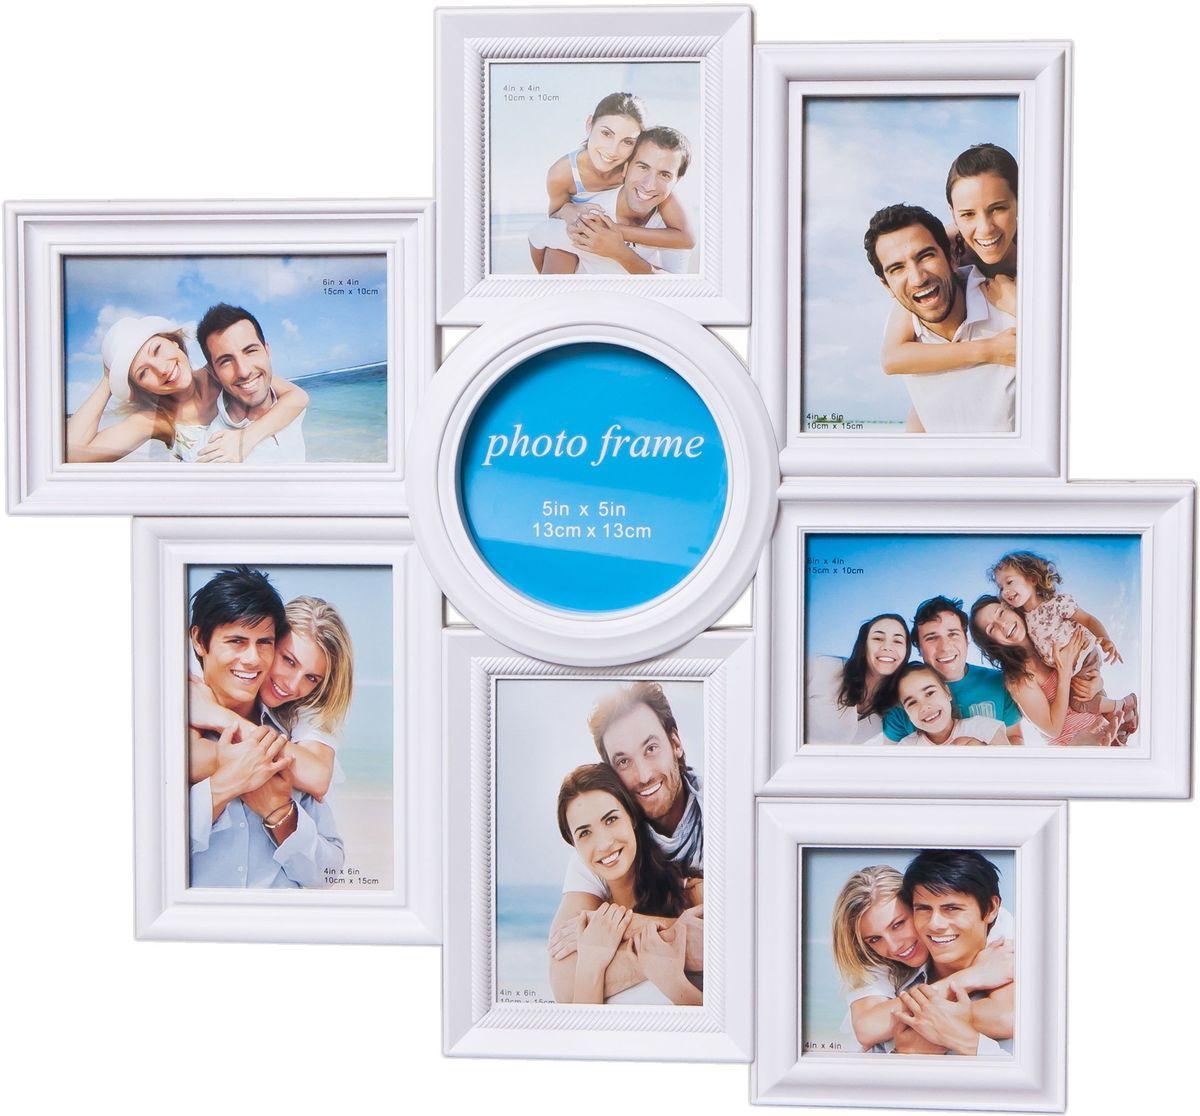 Фоторамка Platinum, цвет: белый, на 8 фото. BH-1408PLATINUM BH-1408-White-БелыйФоторамка Platinum - прекрасный способ красиво оформить ваши фотографии. Фоторамка выполнена из пластика и защищена стеклом. Фоторамка-коллаж представляет собой восемь фоторамок для фото разного размера оригинально соединенных между собой. Такая фоторамка поможет сохранить в памяти самые яркие моменты вашей жизни, а стильный дизайн сделает ее прекрасным дополнением интерьера комнаты. Фоторамка подходит для 5 фото 10 х 15 см, 1 фото 13 х 13 см и 2 фото 10 х 10 см. Общий размер фоторамки: 50 х 47 см.